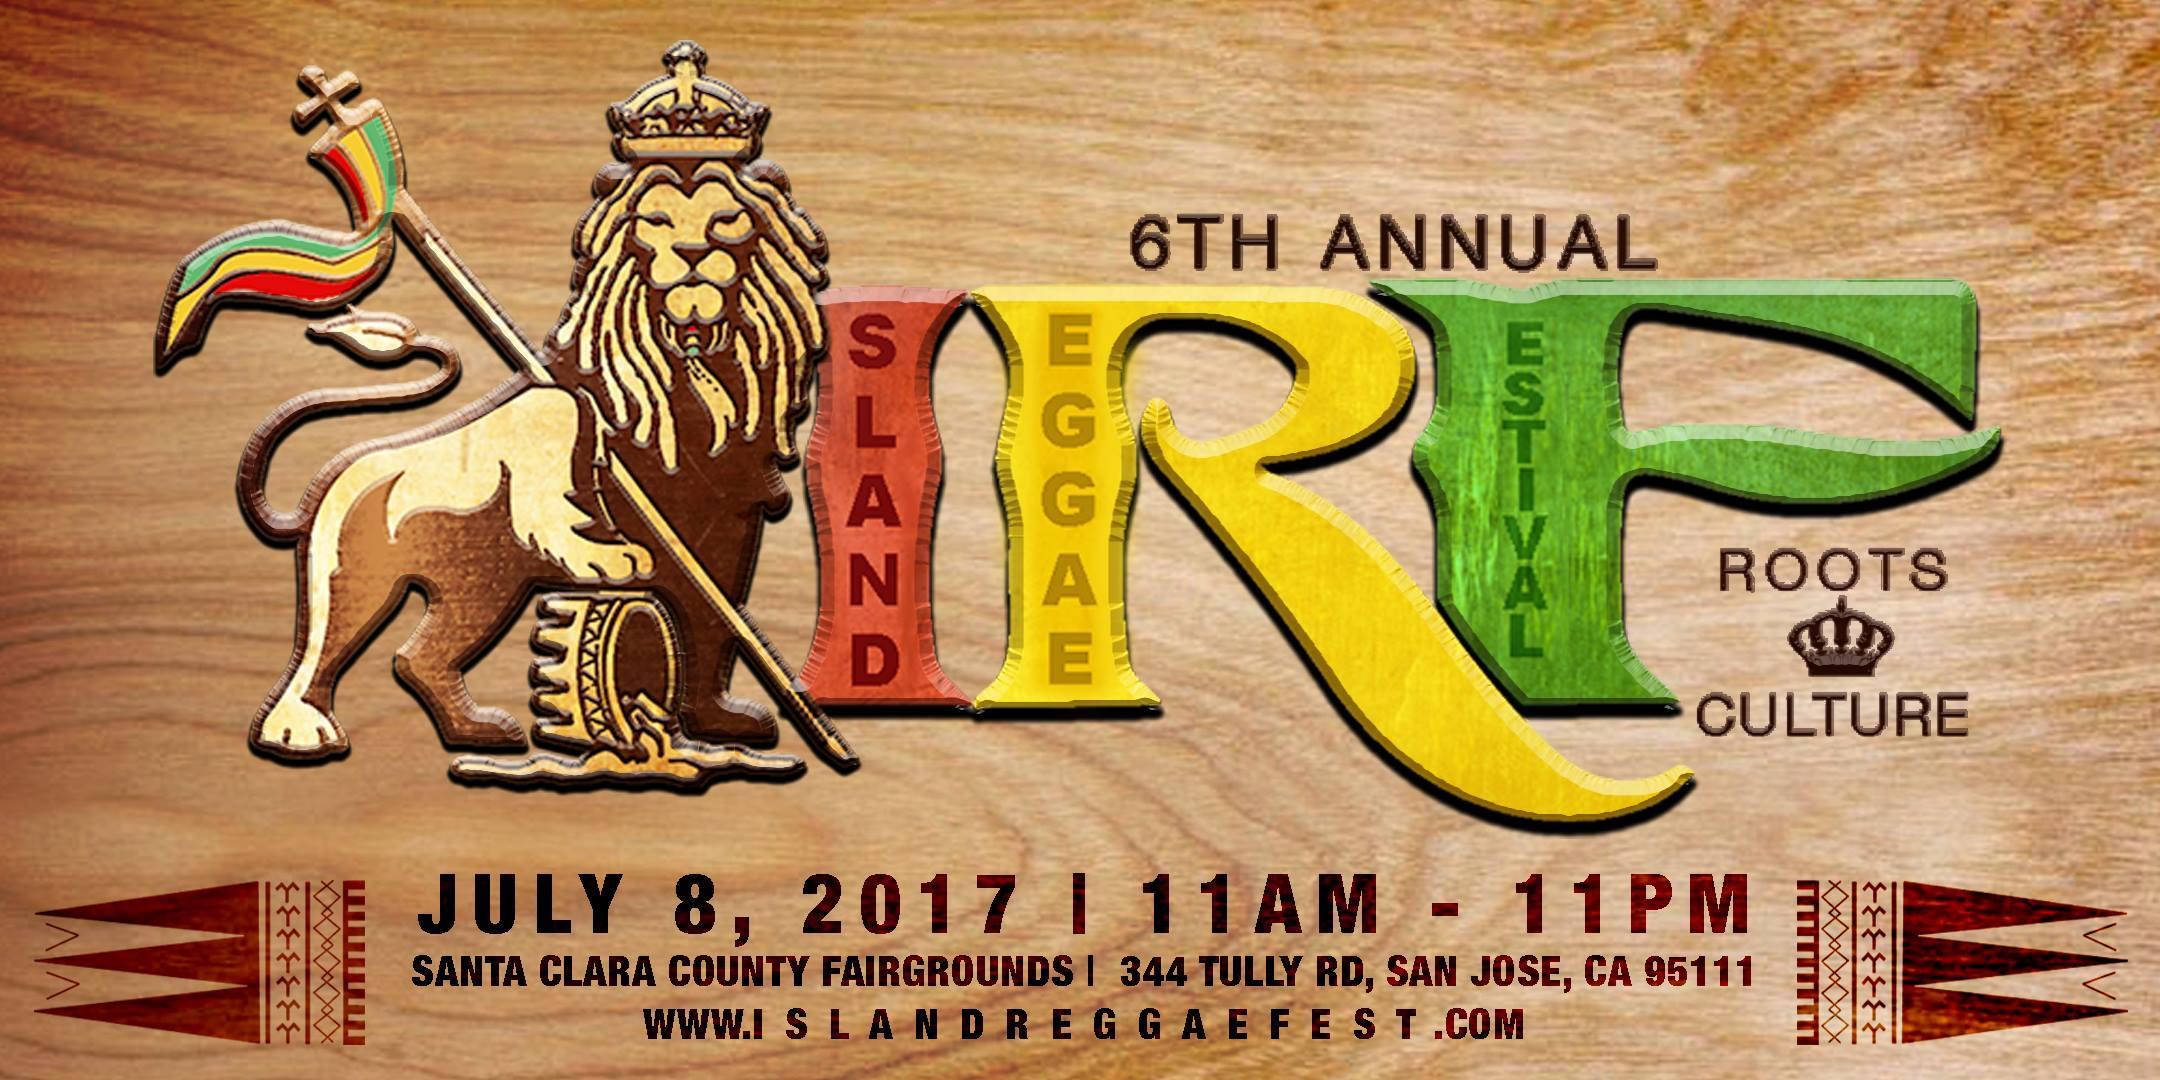 6th Annual Island Reggae Festival